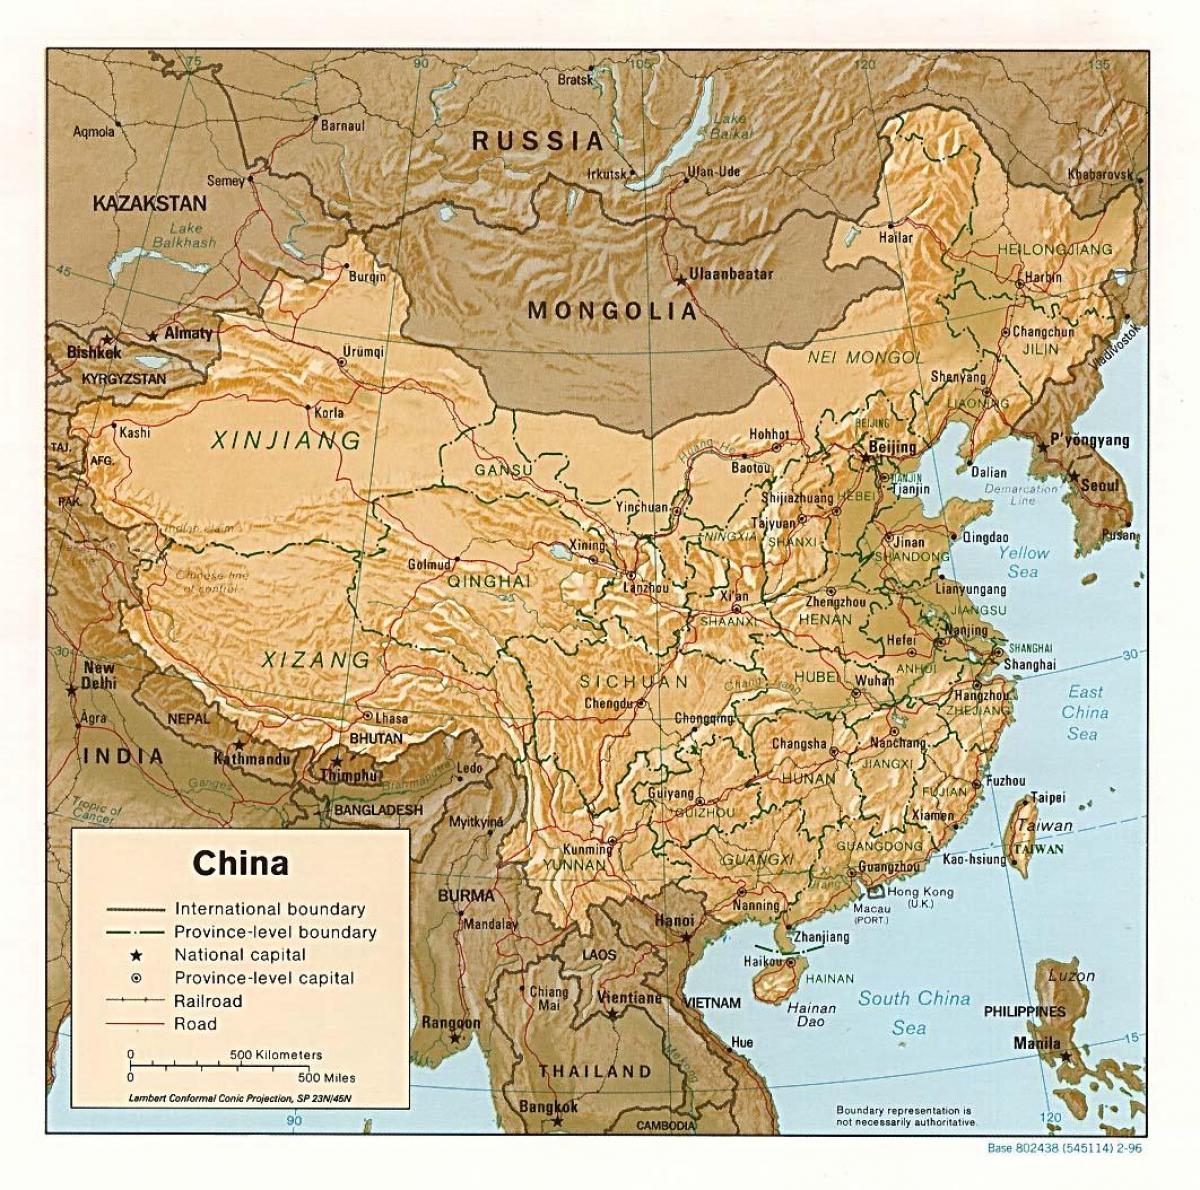 kína domborzati térkép Kína a domborzati térkép   Terep, térkép, Kína (Kelet Ázsia   Asia) kína domborzati térkép